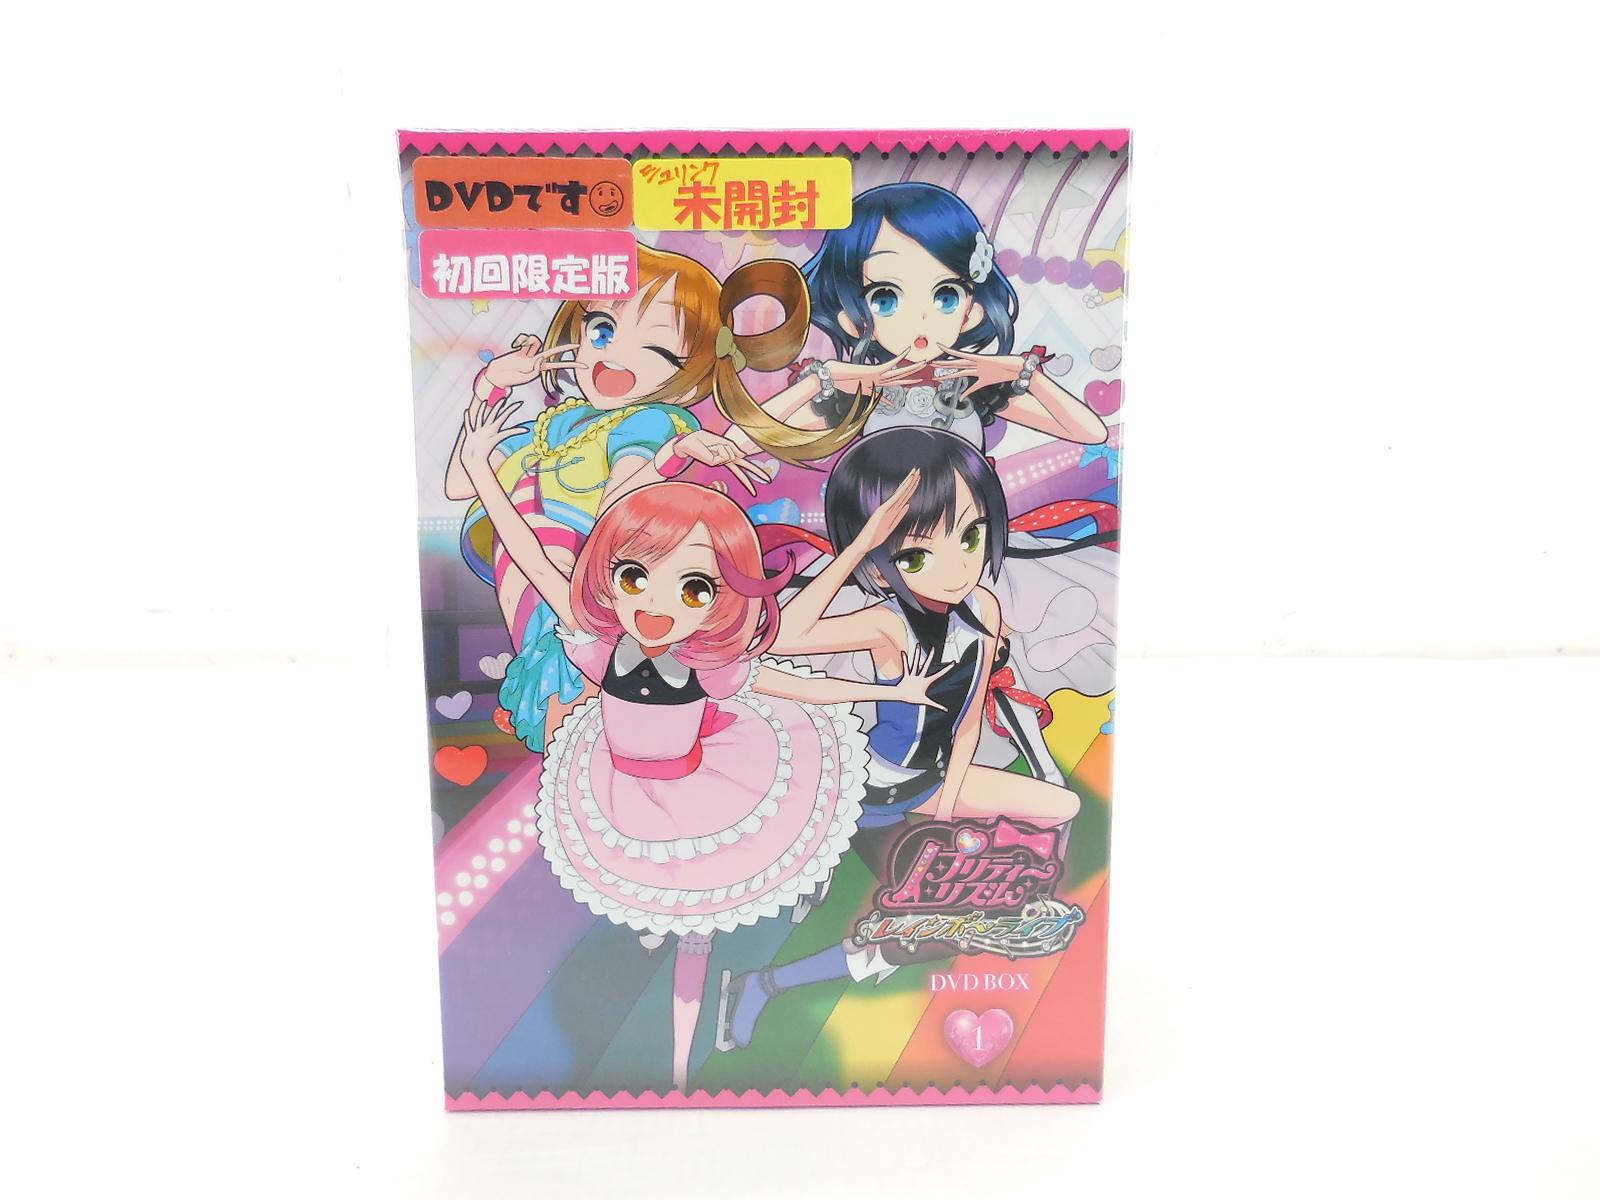 プリティーリズム・レインボーライブ DVD-BOX 1・2 セット 【DVD未開封】